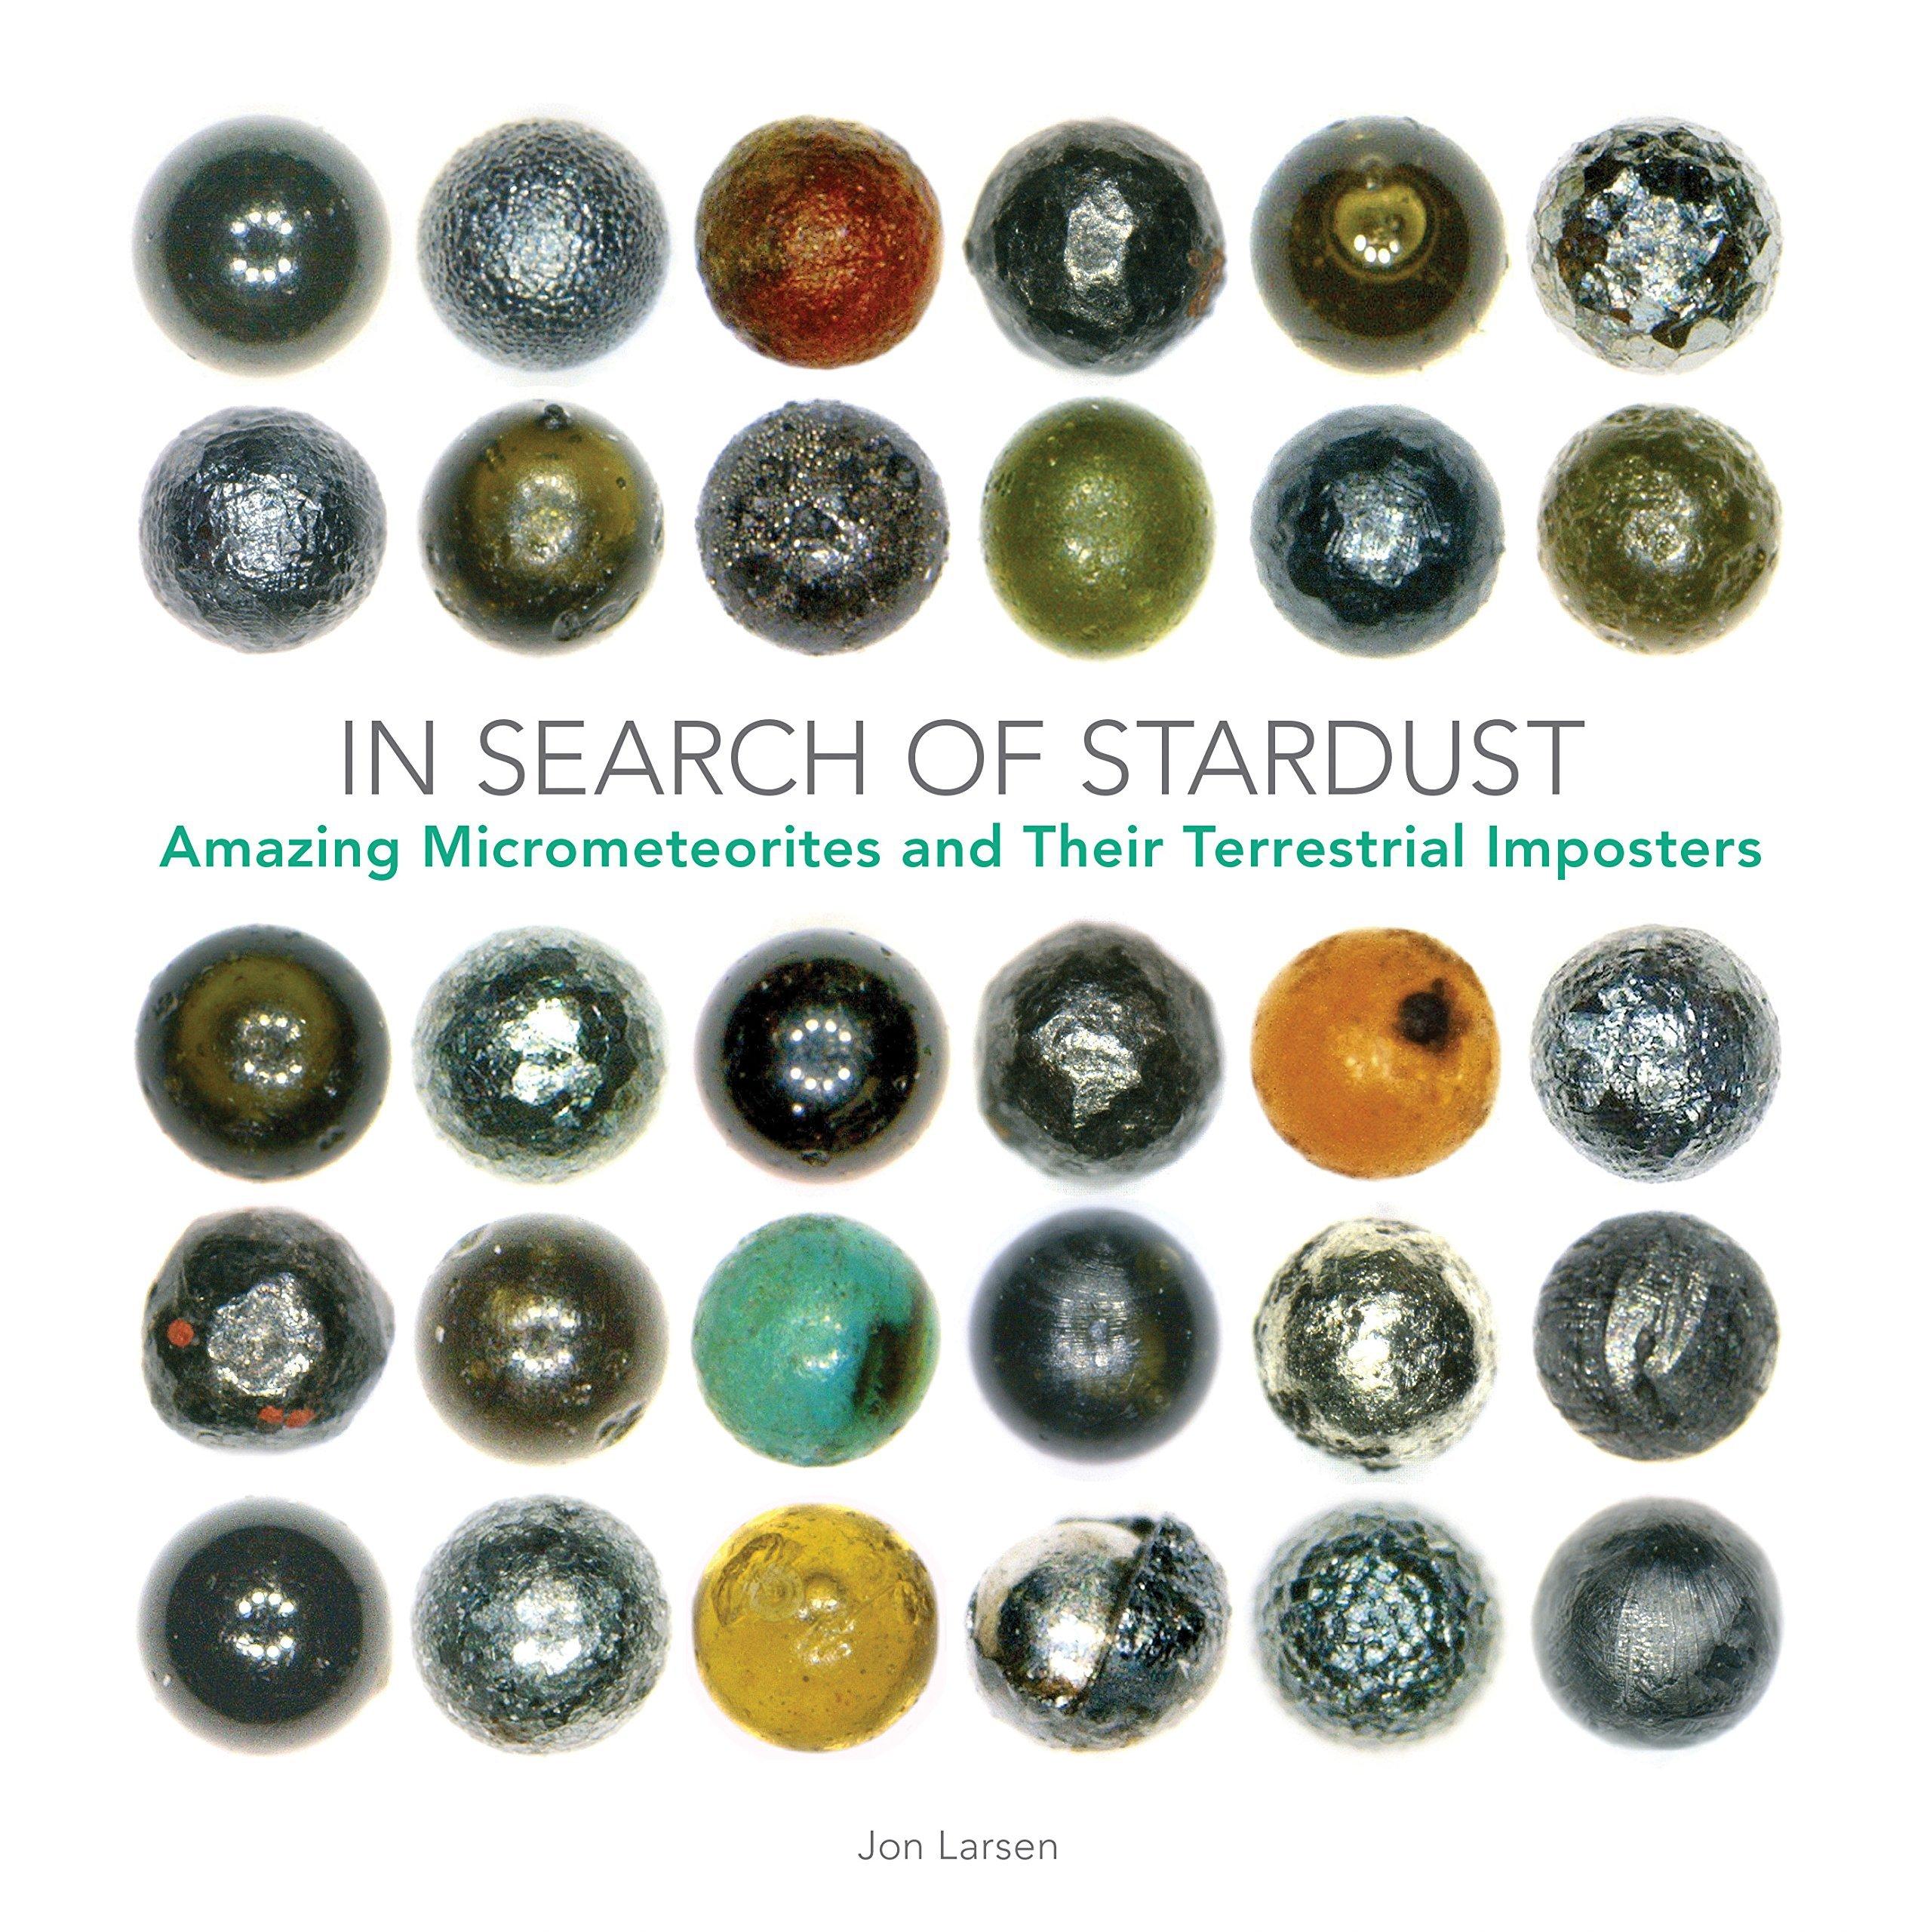 in-search-of-stardust-jon-larsen-1